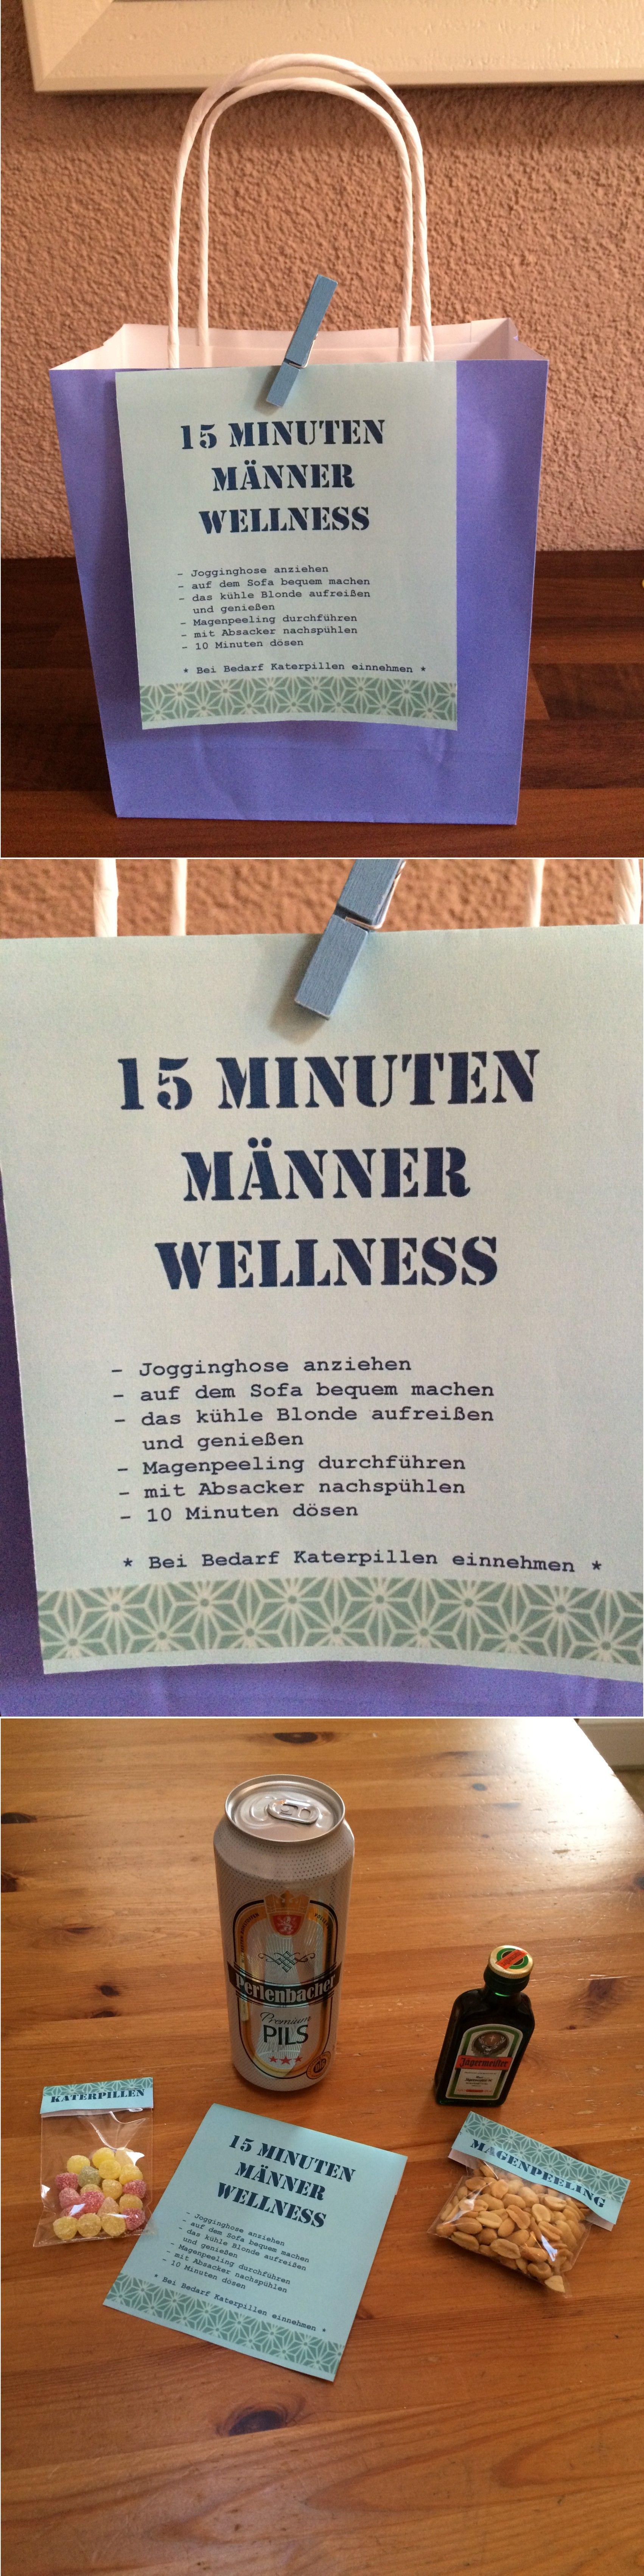 Geschenke Für Männer Zum Geburtstag Selber Machen  15 Minuten Männer Wellness Geschenkidee für den Mann